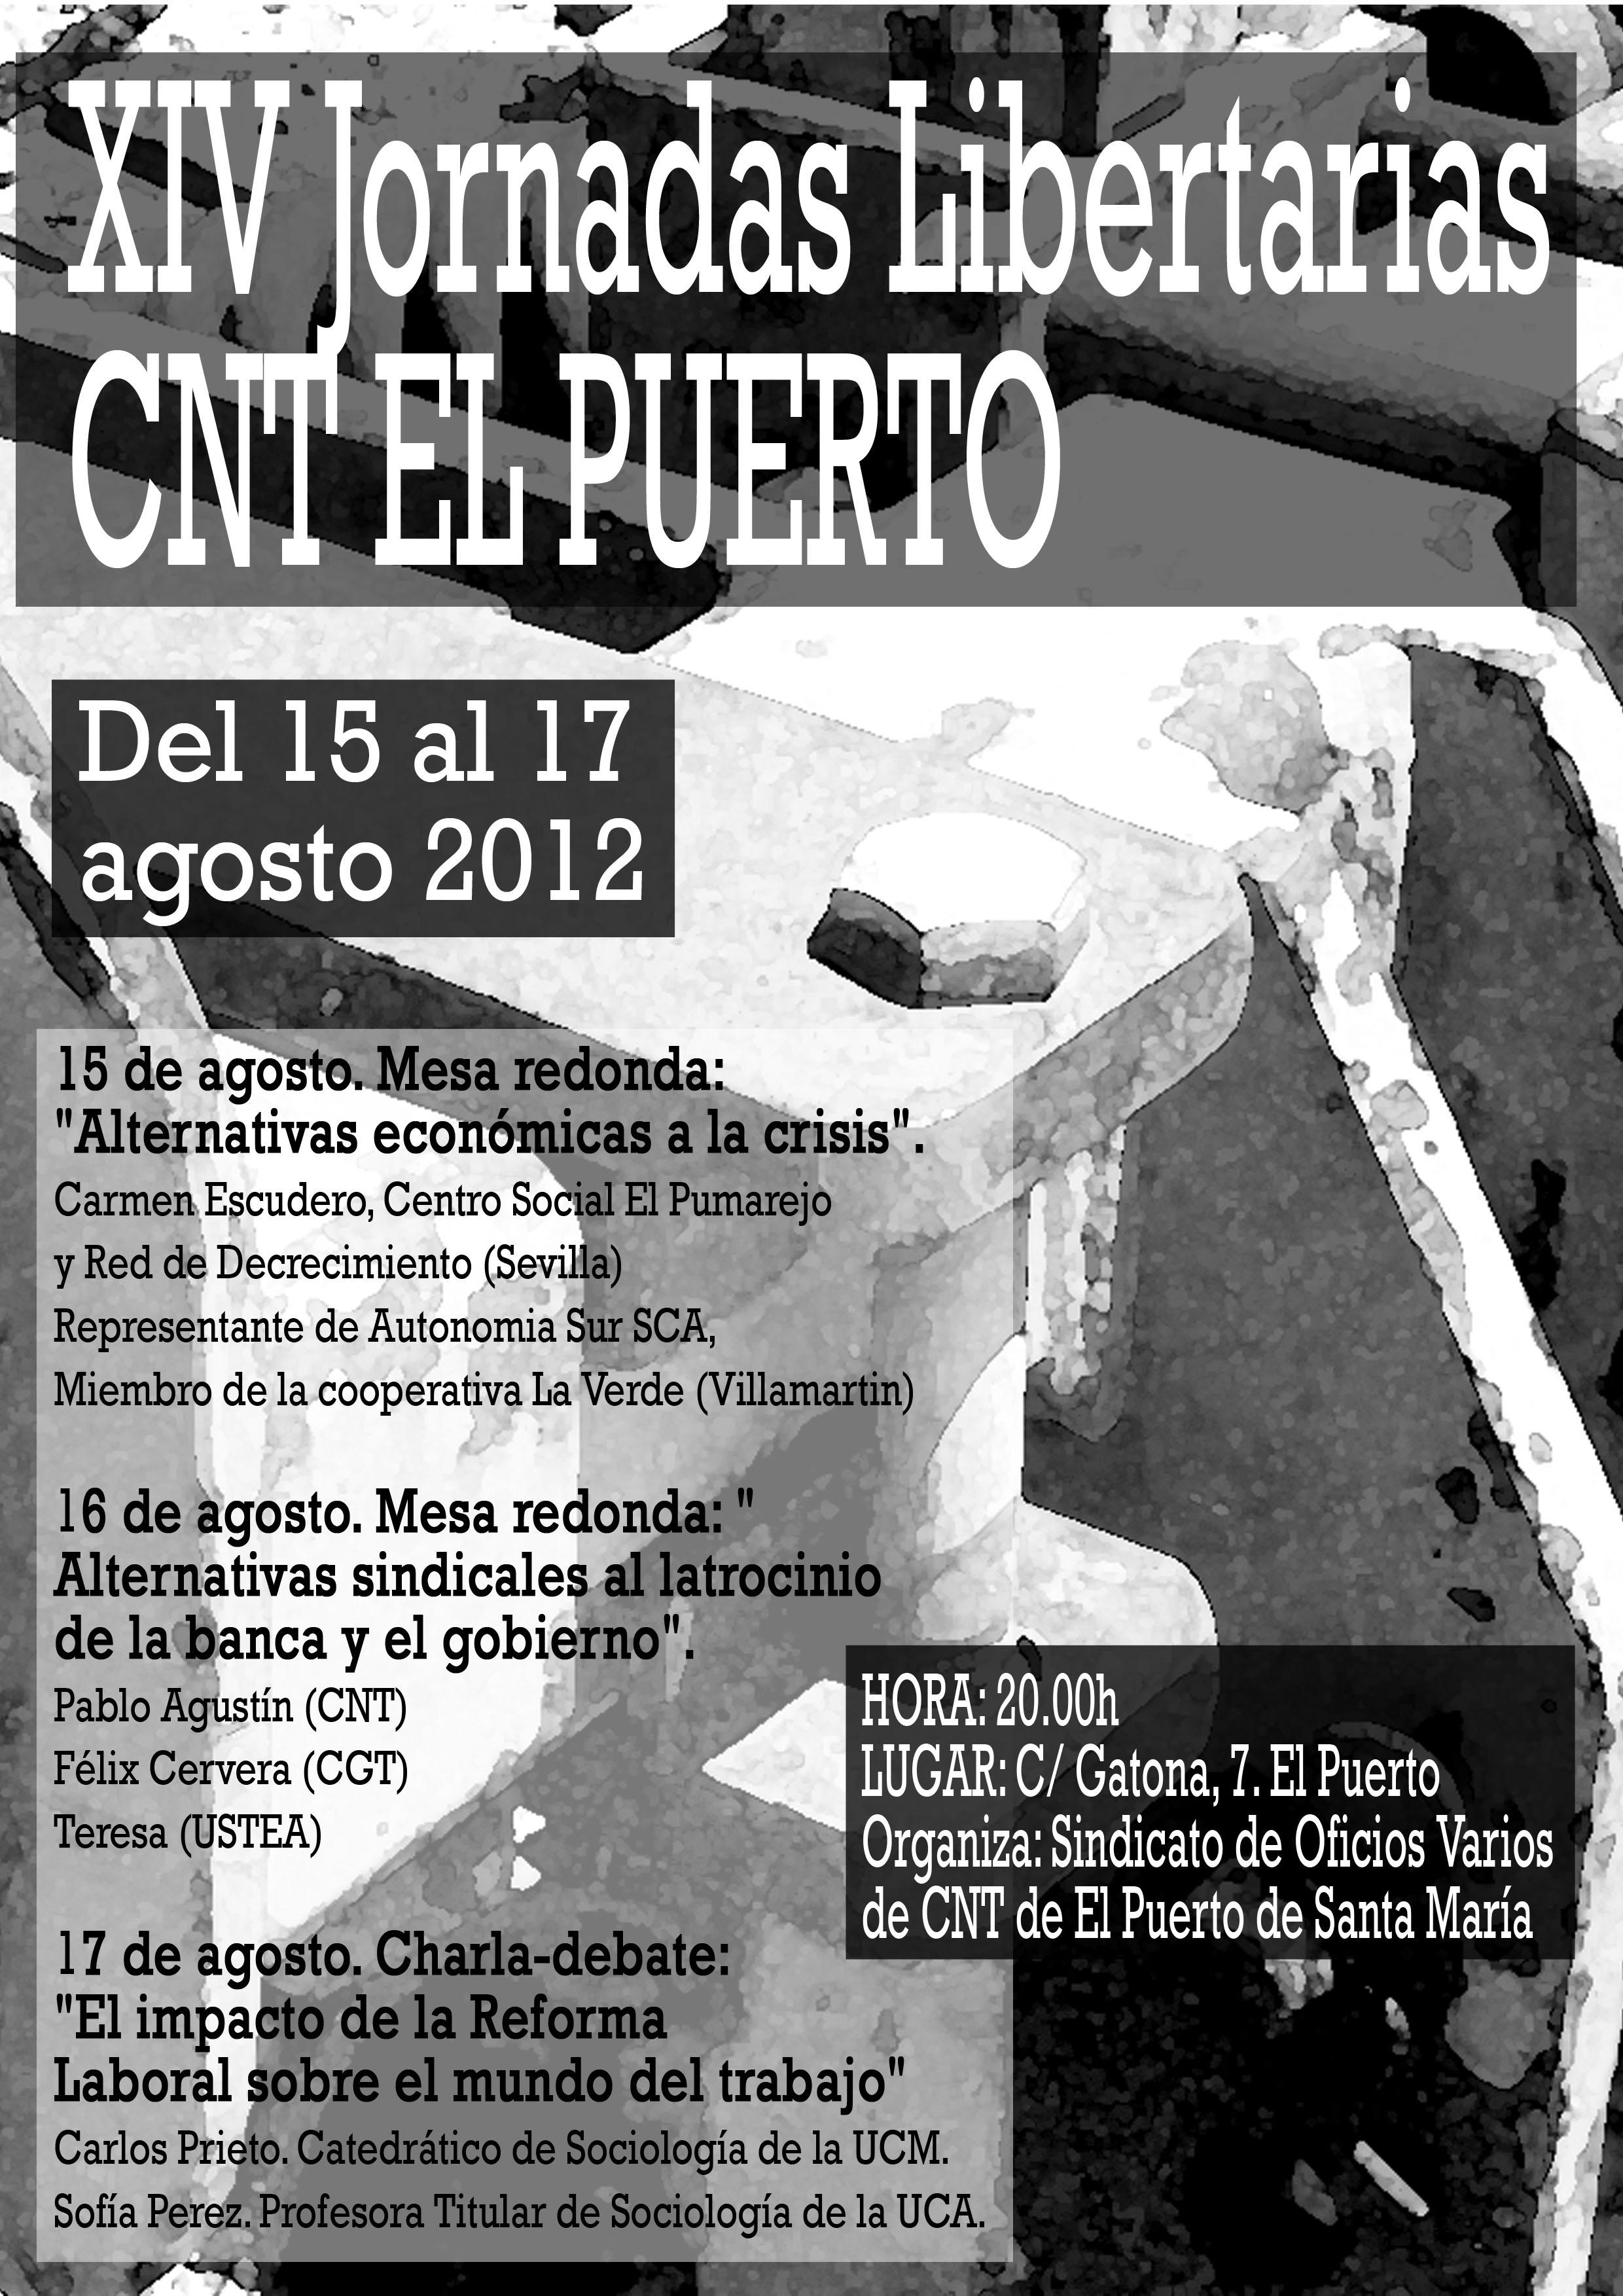 Xiv jornadas libertarias de cnt el puerto de santa mar a 15 17 agosto 2012 sindicato de oo - Endesa el puerto de santa maria ...